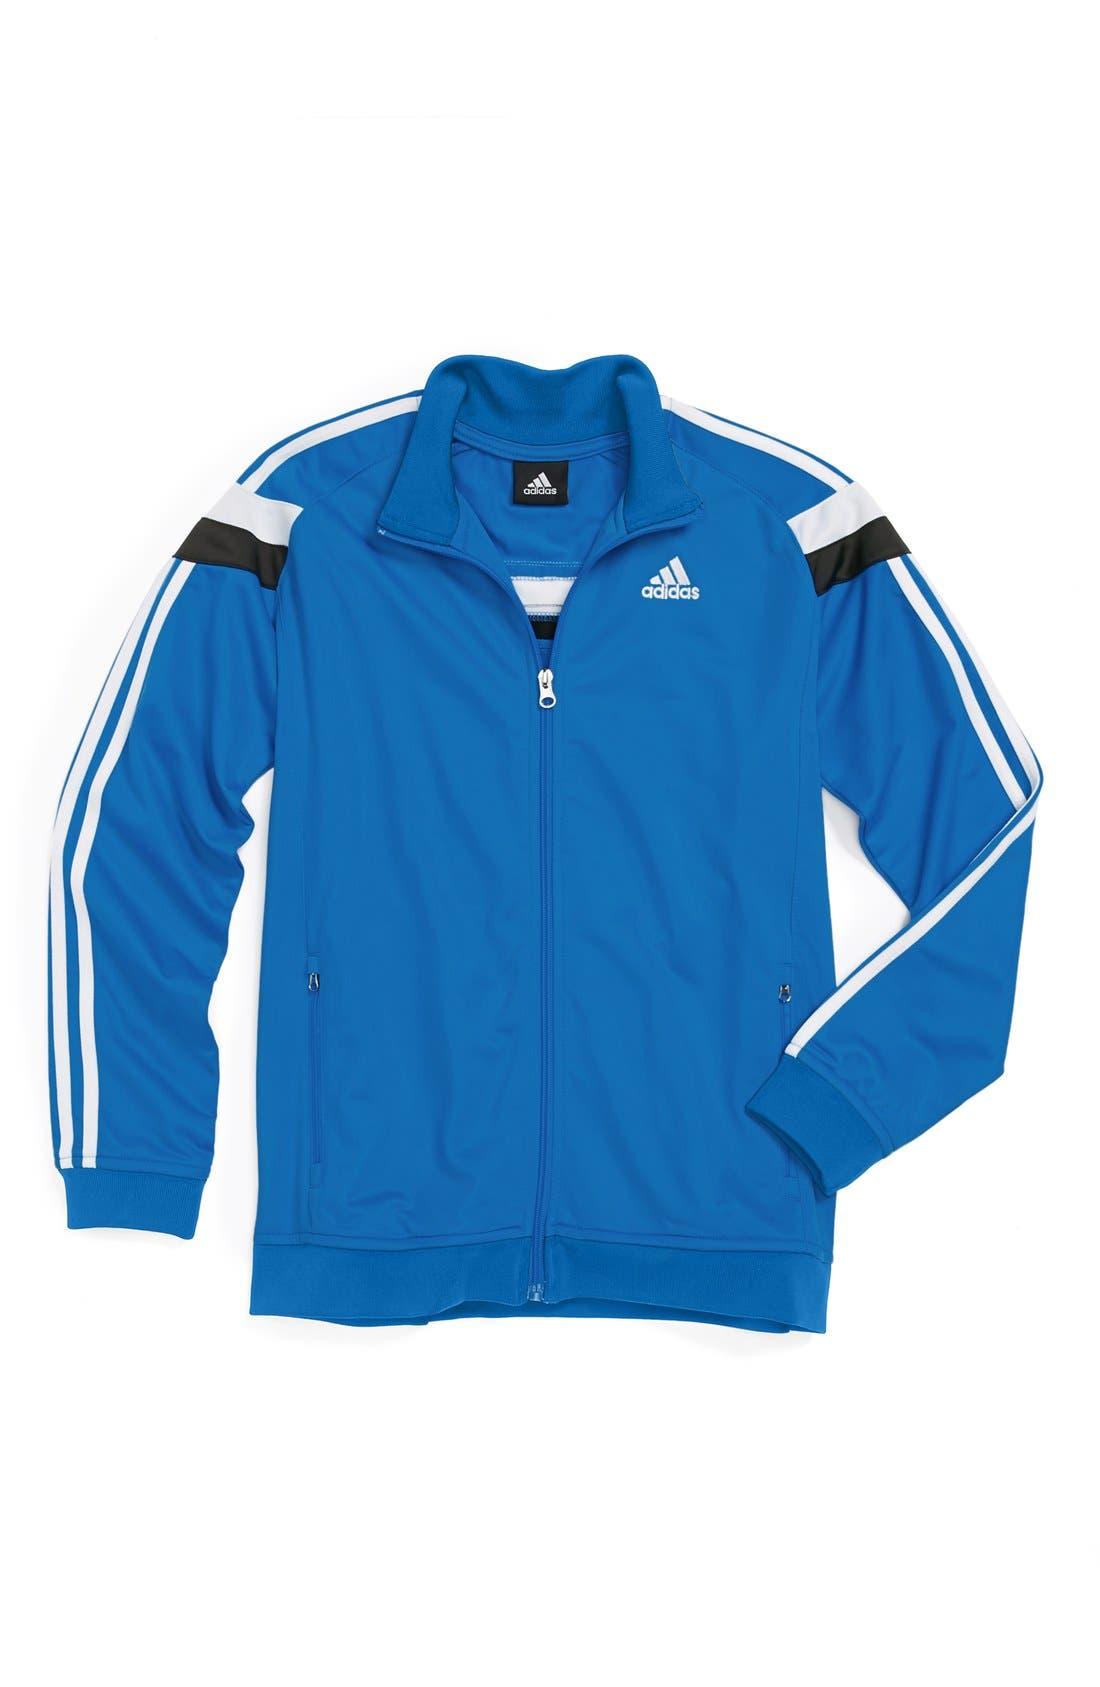 Alternate Image 1 Selected - adidas 'Anthem' Jacket (Big Boys)